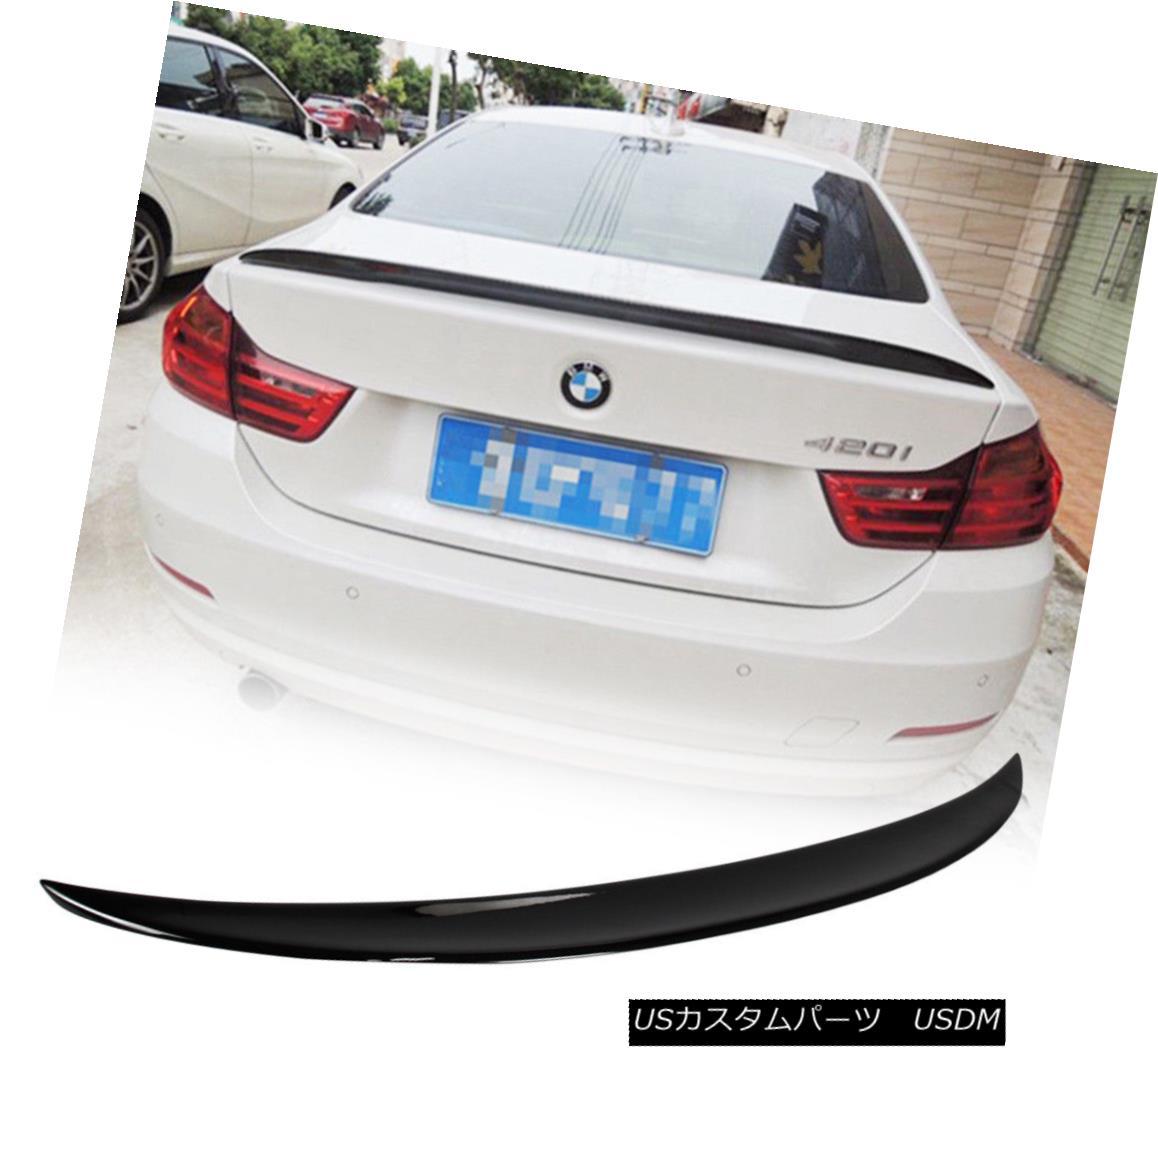 エアロパーツ Paint #668 Black BMW F33 420i 428i Performance P-Type Rear Trunk Spoiler Wing ペイント#668ブラックBMW F33 420i 428iパフォーマンスPタイプリアトランク・スポイラー・ウィング